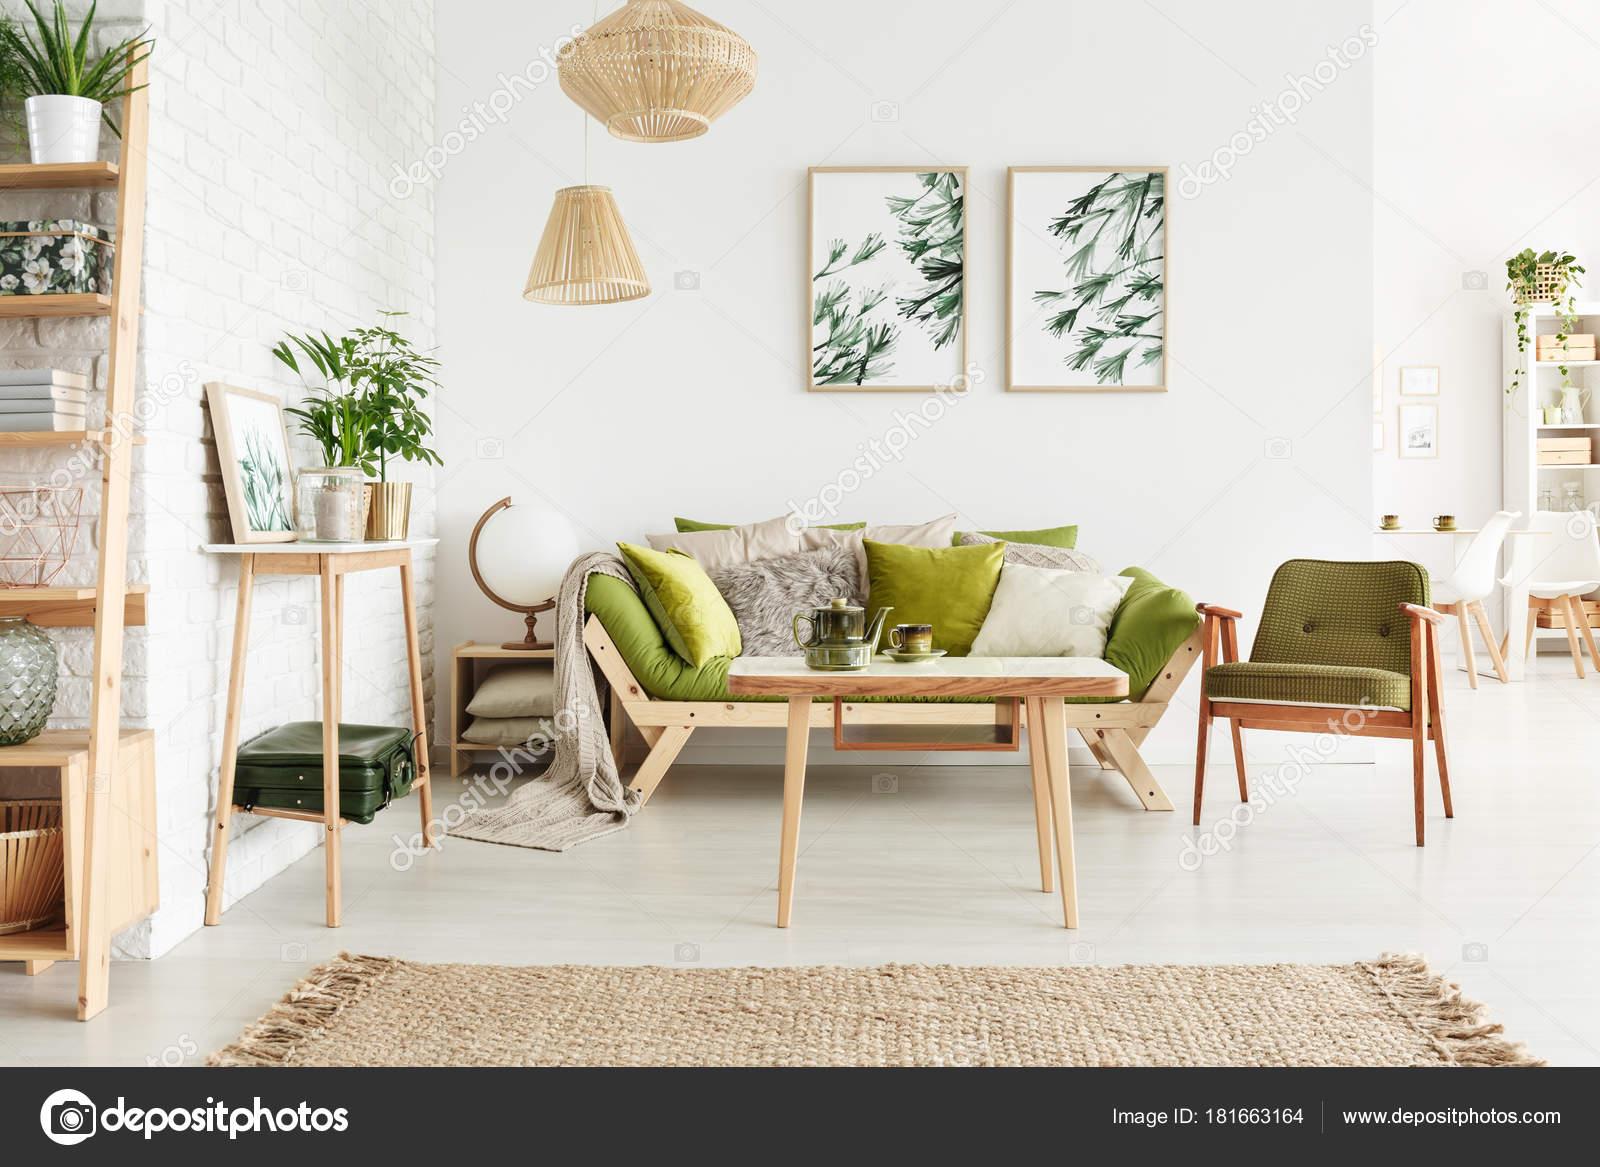 Anspruchsvoll Gemütliches Wohnzimmer Galerie Von Dunkel Grün Vintage Sessel Neben Dem Sofa